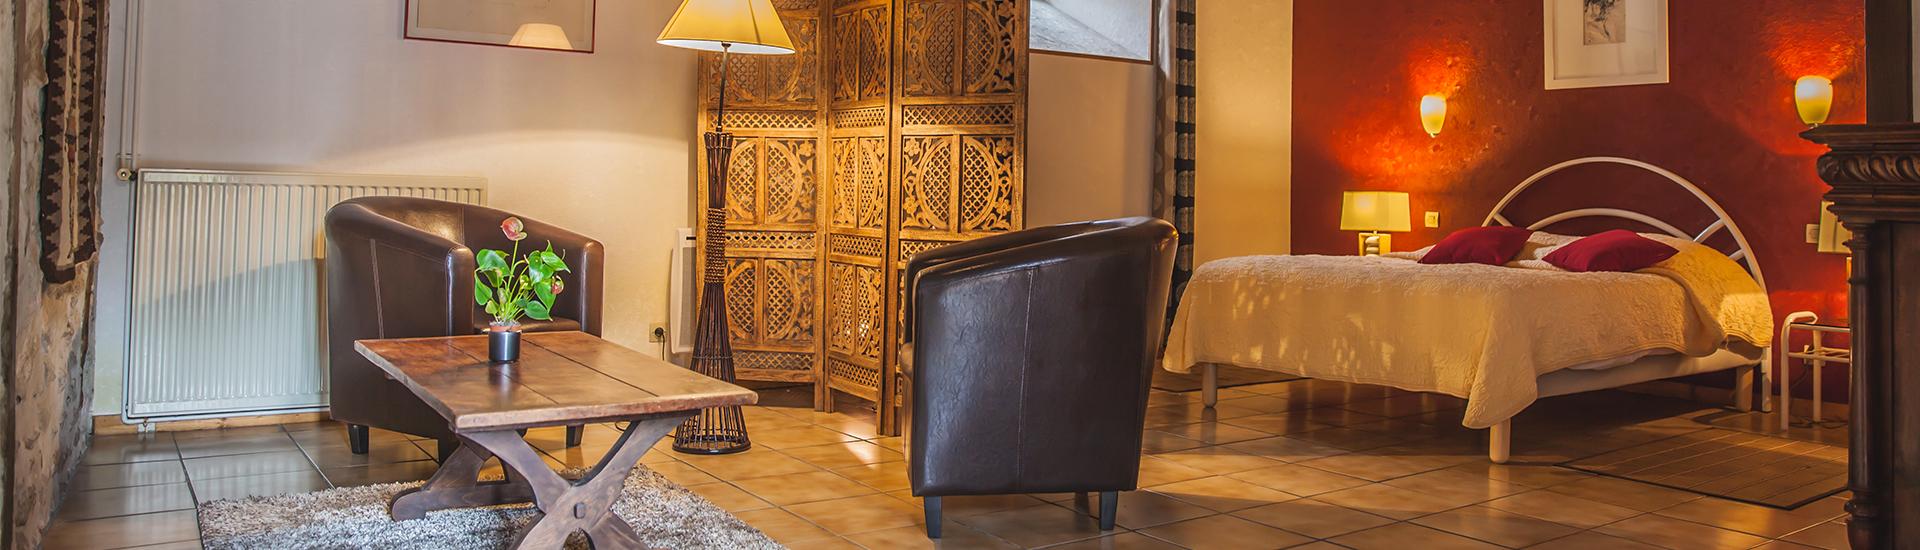 Accueil / Chambres Du0027hôtes / Lu0027Ecurie